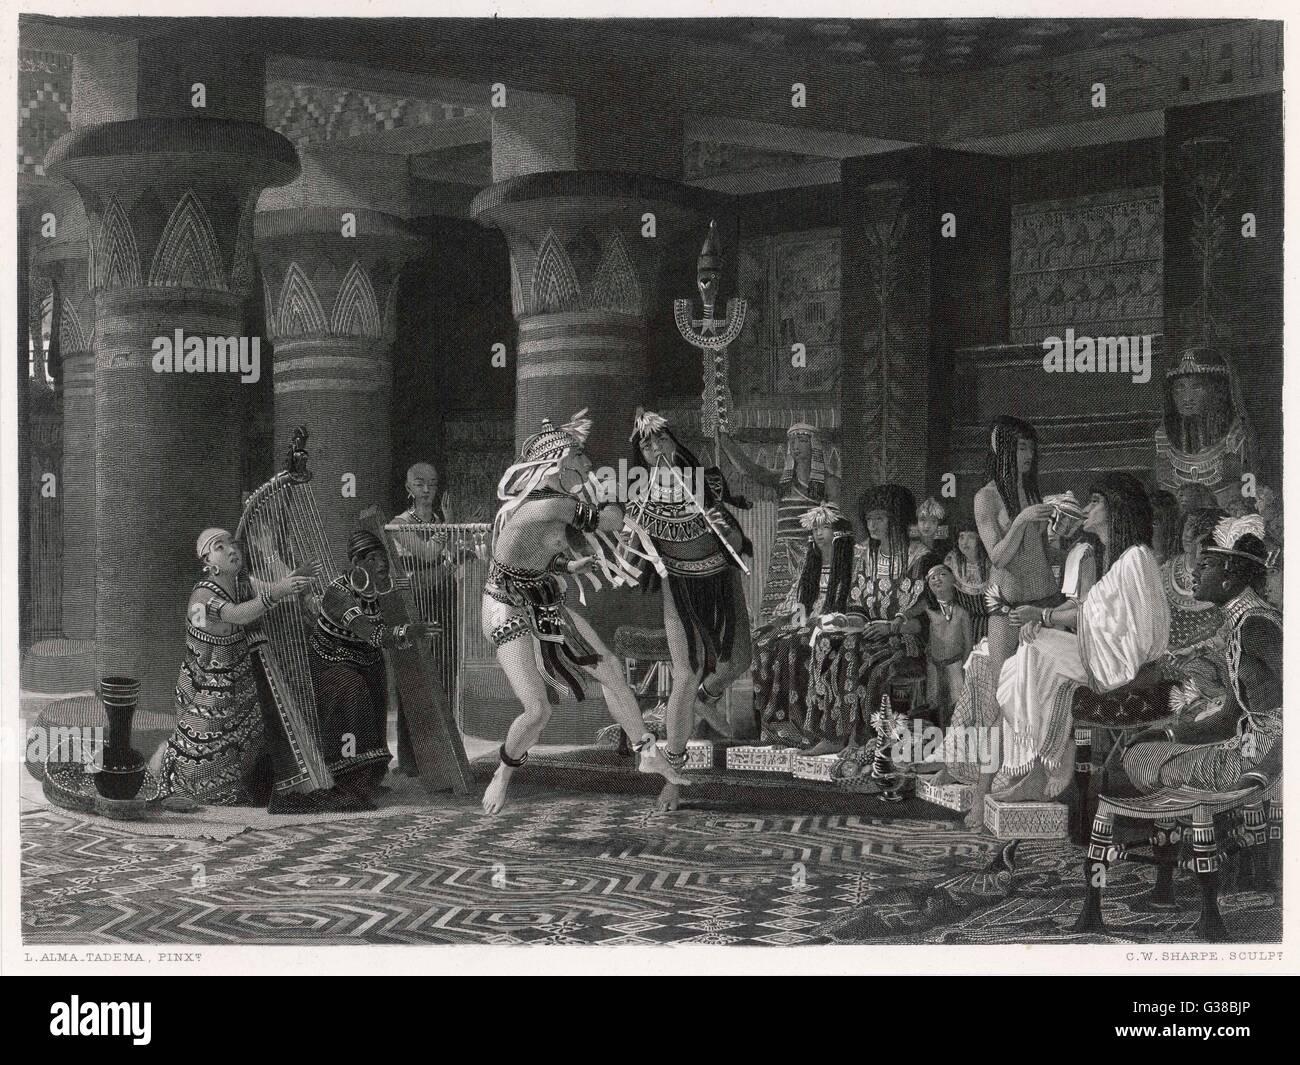 Eine musikalische Soiree mit Erfrischungen Datum: ca. 2000 v. Chr. Stockbild